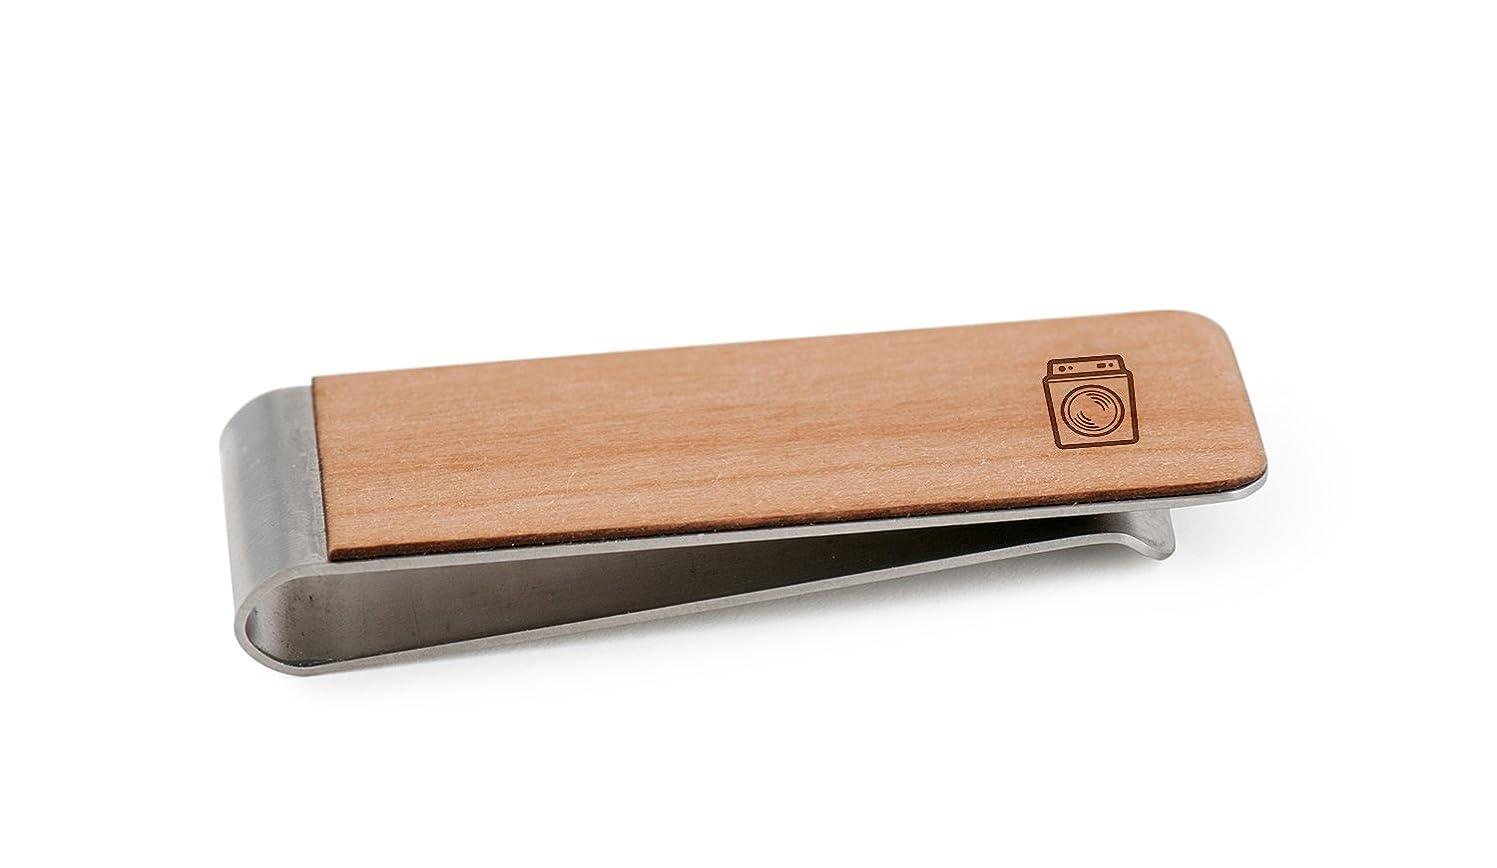 発火するスツール拷問Wooden Accessories Company ACCESSORY メンズ US サイズ: Slim